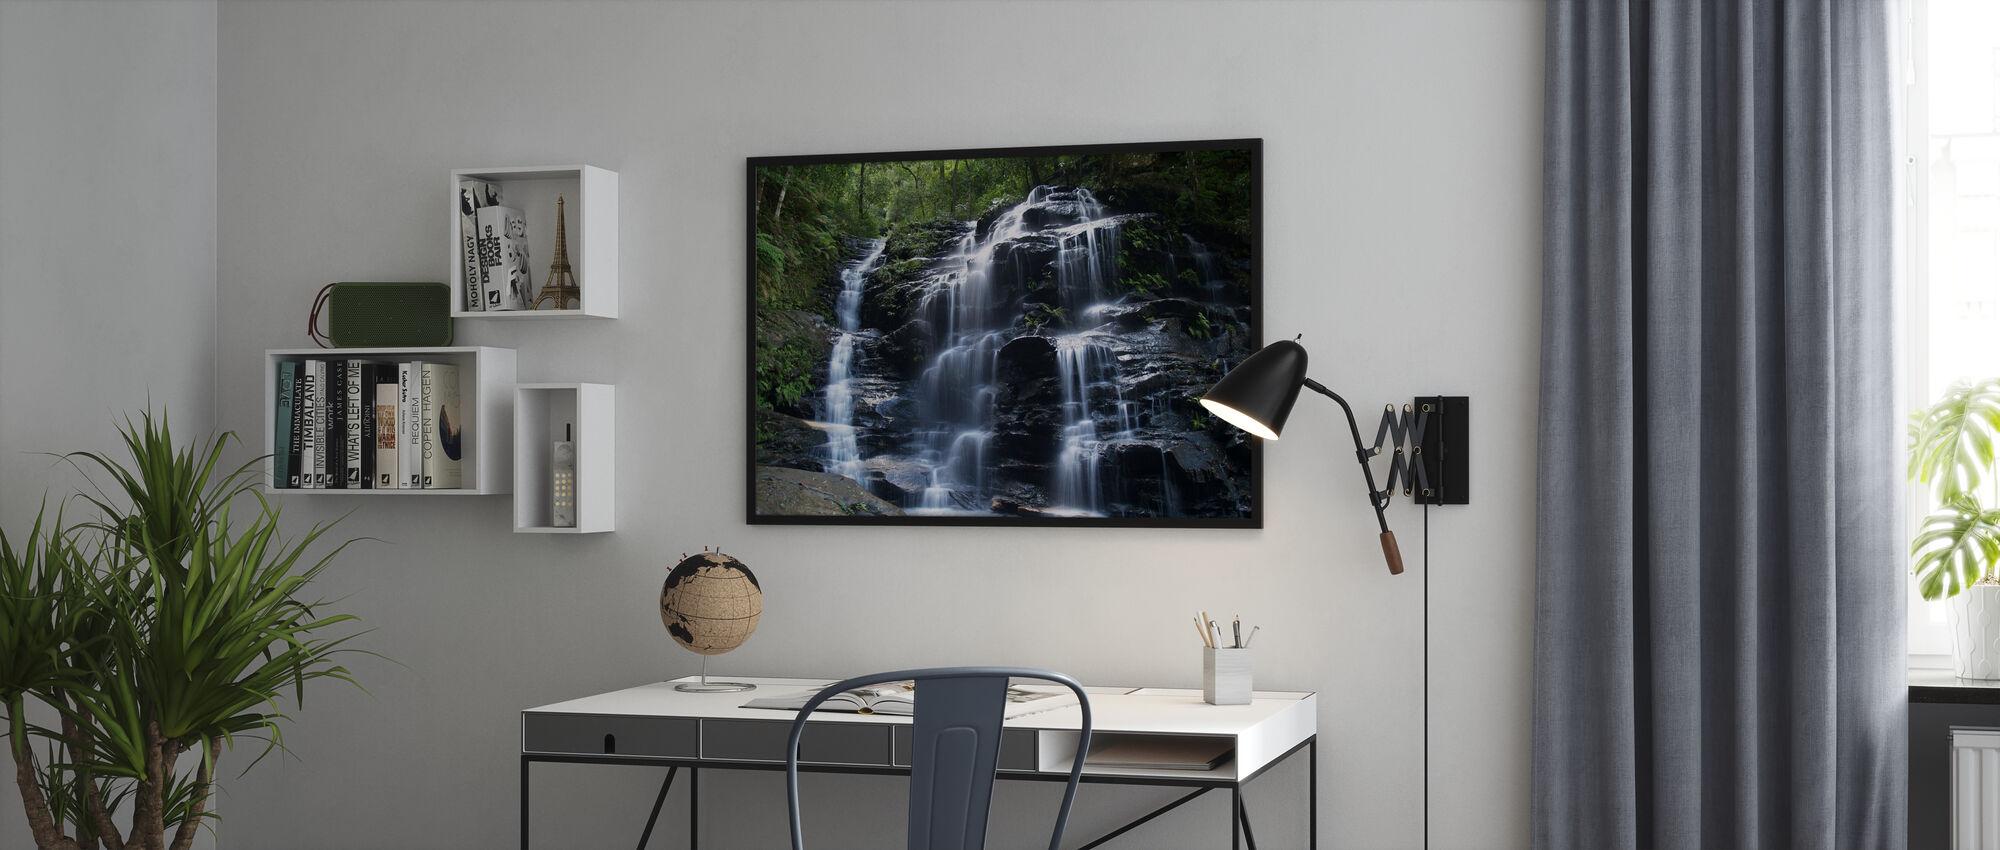 Amazonas-Wasserfall - Gerahmtes bild - Büro